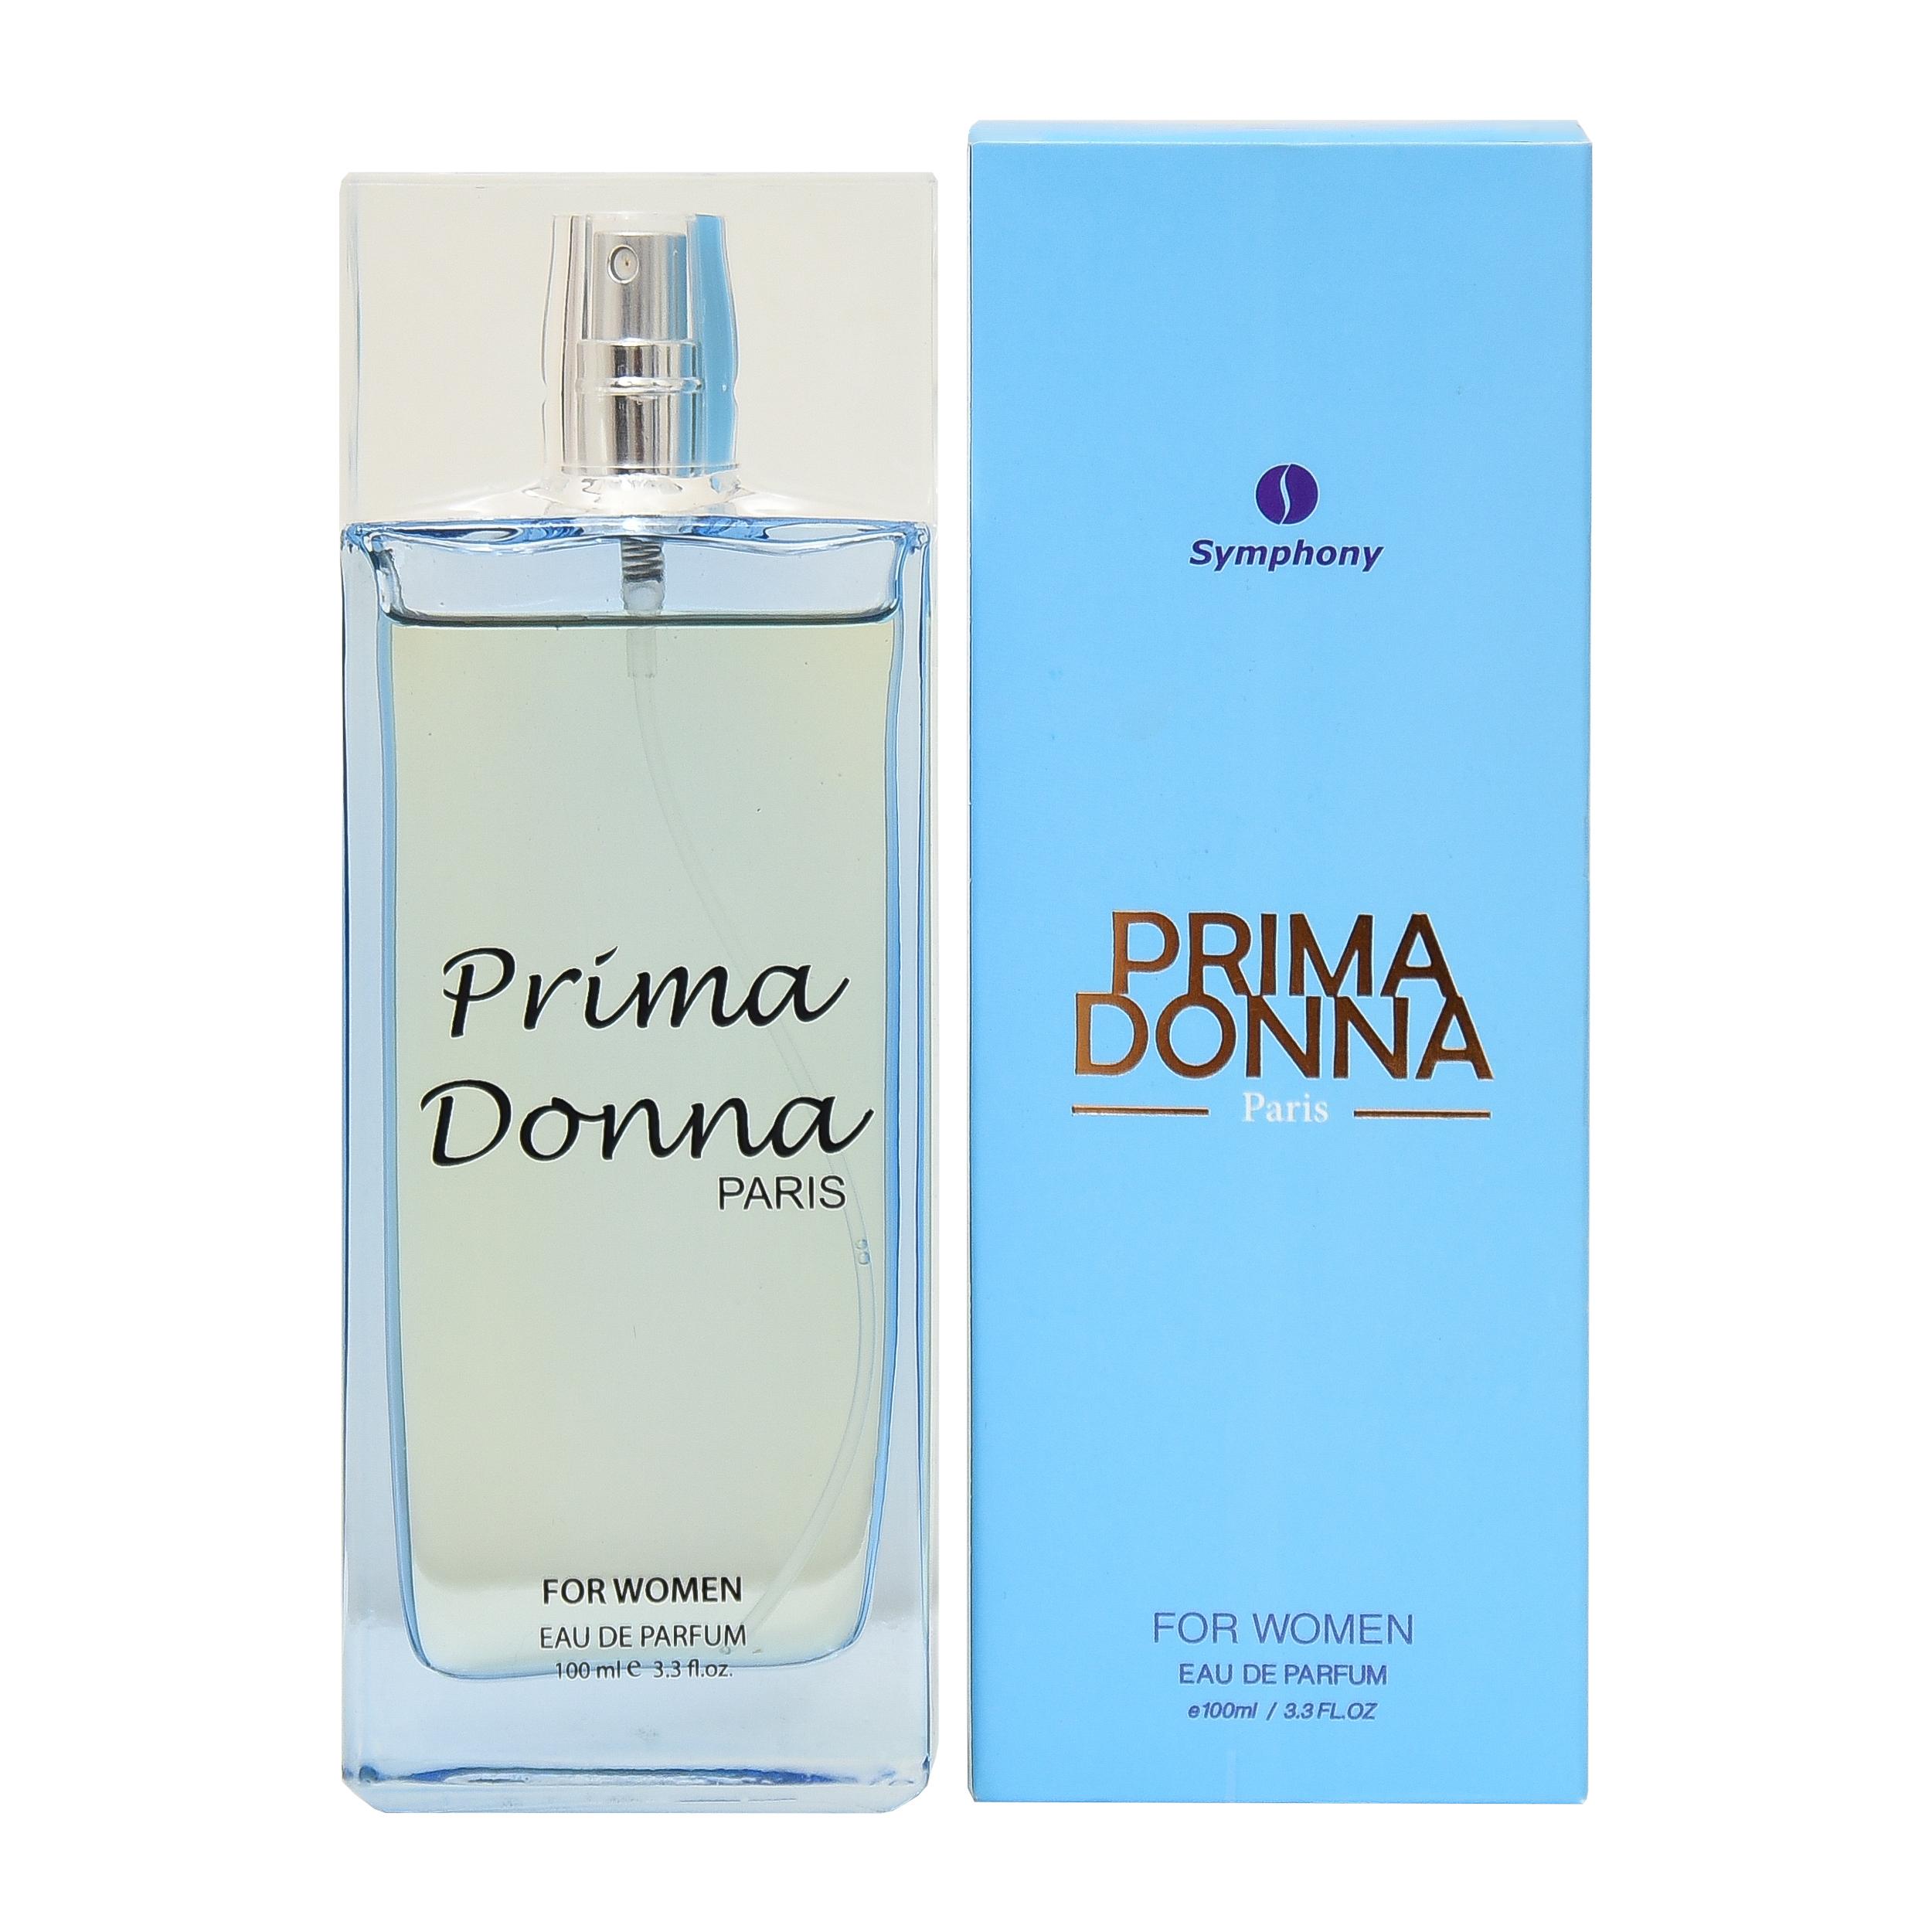 خرید اینترنتی ادو تویلت زنانه سیمفونی مدل Prima Donna حجم 100 میلی لیتر اورجینال